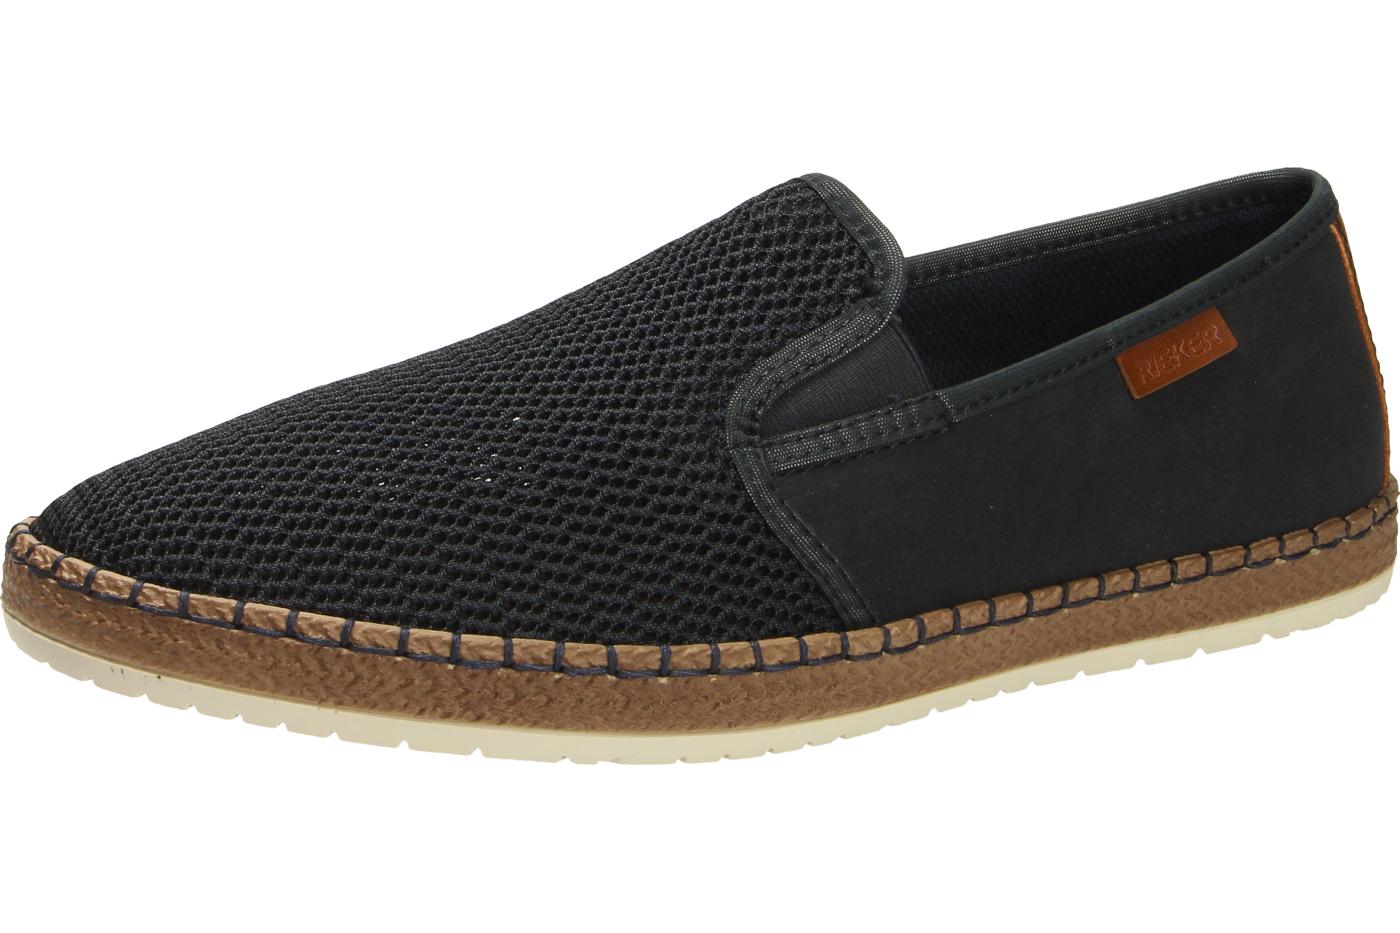 Rieker Herren Slipper B5265 14 | Business Schuhe |